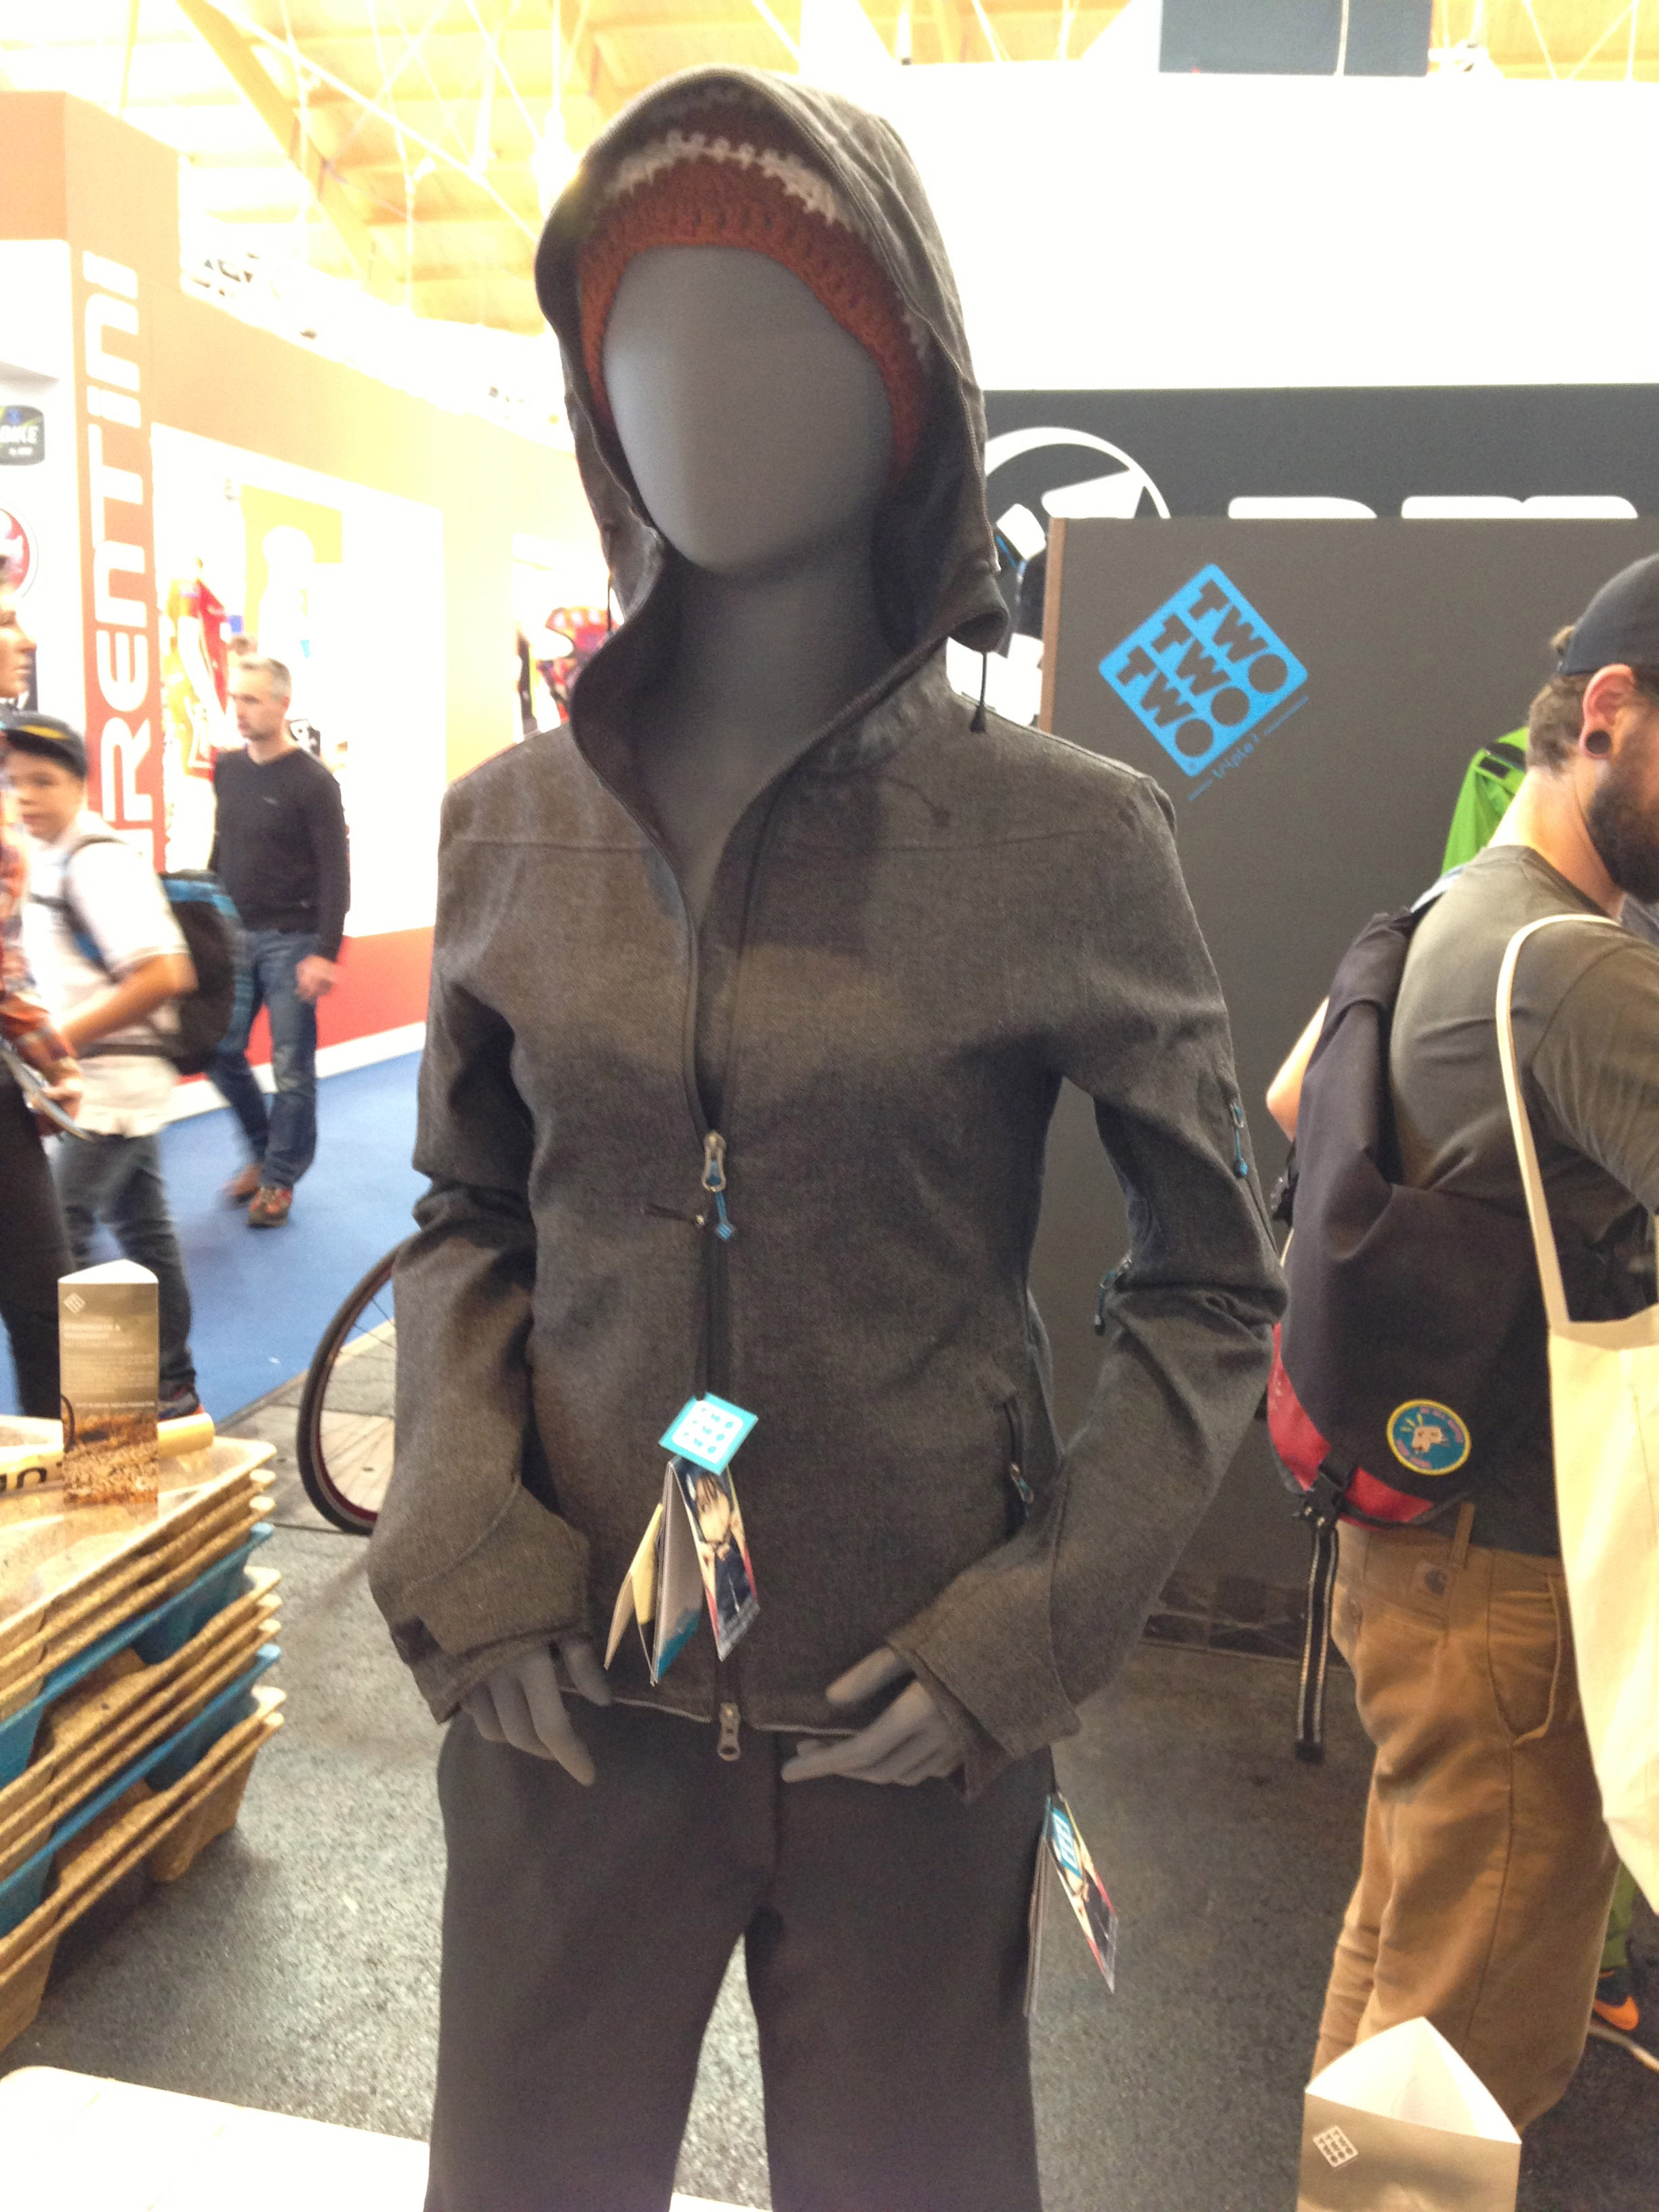 Triple 2 Clothing stellt hochwertige Bike- und Urban-Wear aus natürlichen Fasern her. Das Besondere: Man benötigt nur ein Teil für verschiedene Einsatzzwecke.